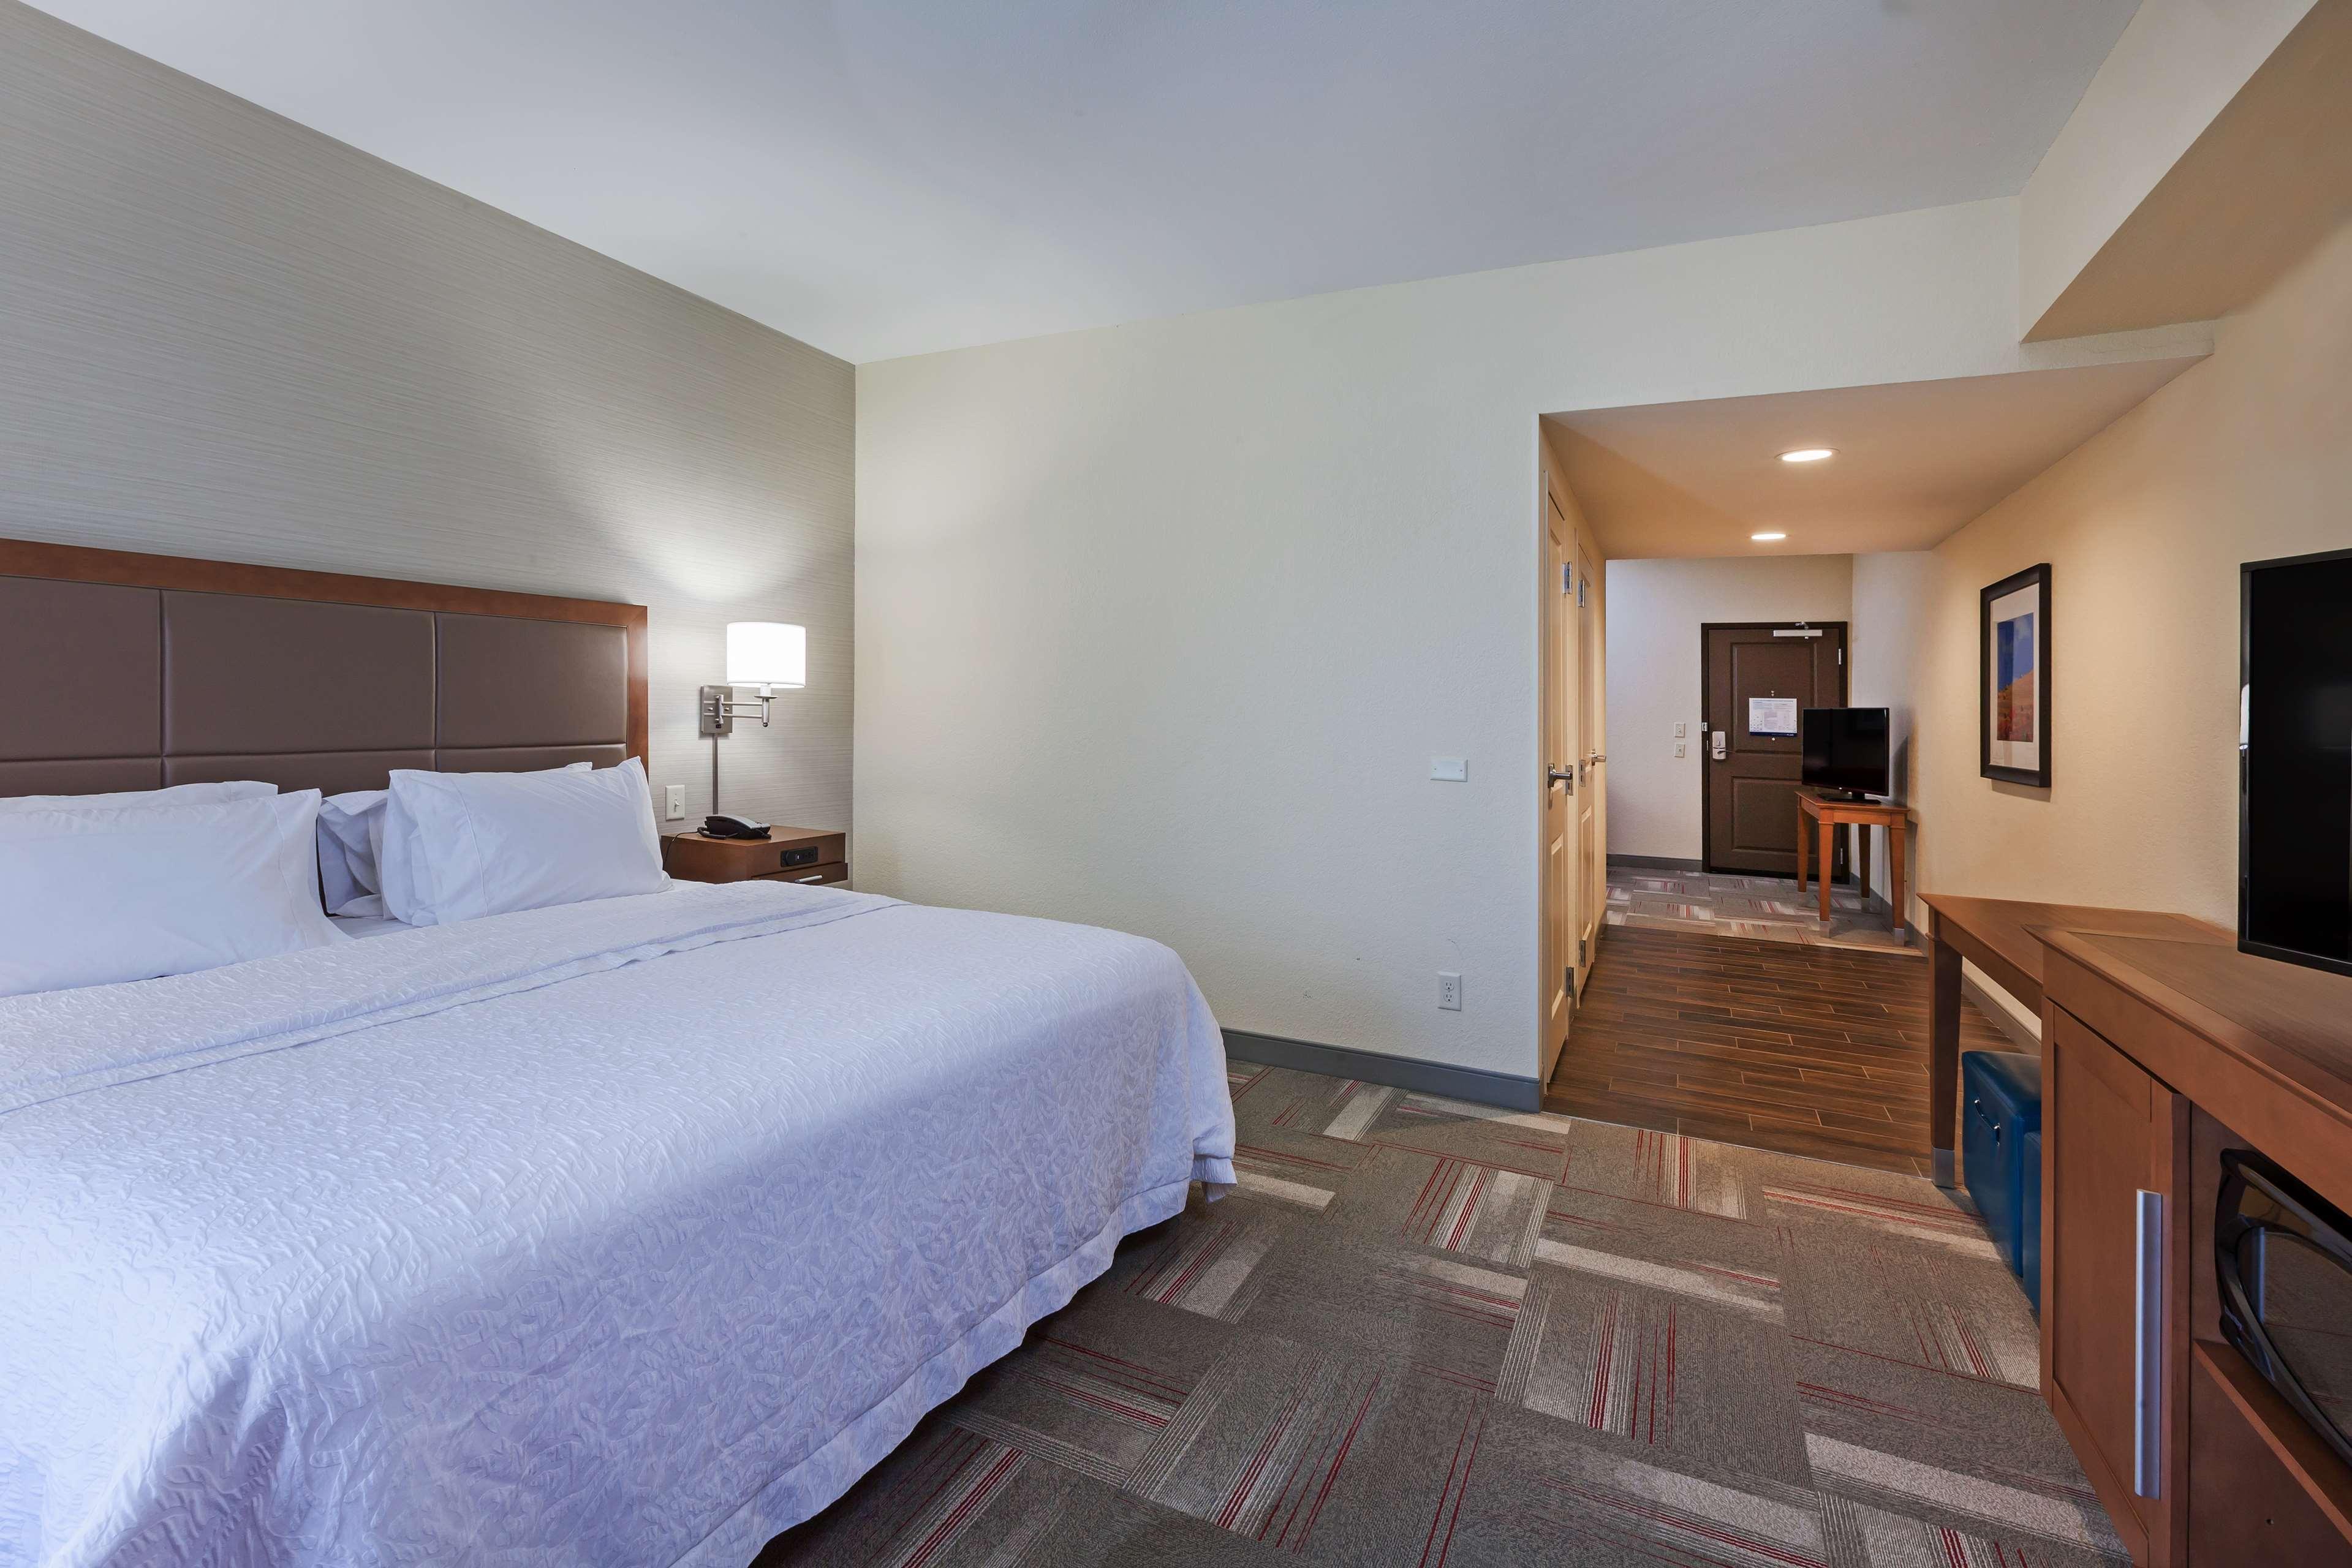 Hampton Inn & Suites Claremore image 18